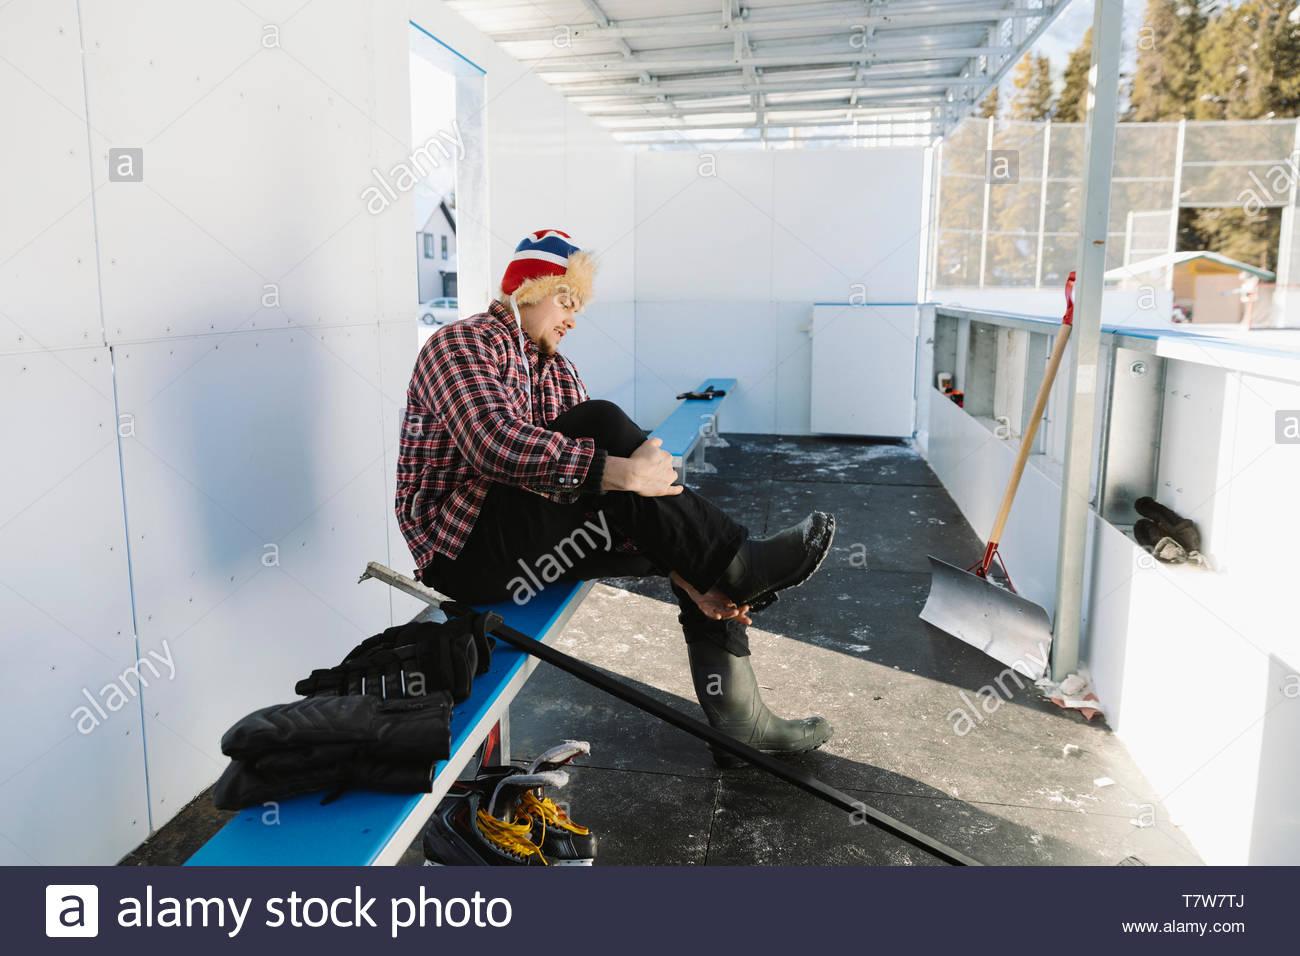 El hombre eliminando las botas, preparándose para jugar hockey sobre hielo al aire libre Imagen De Stock